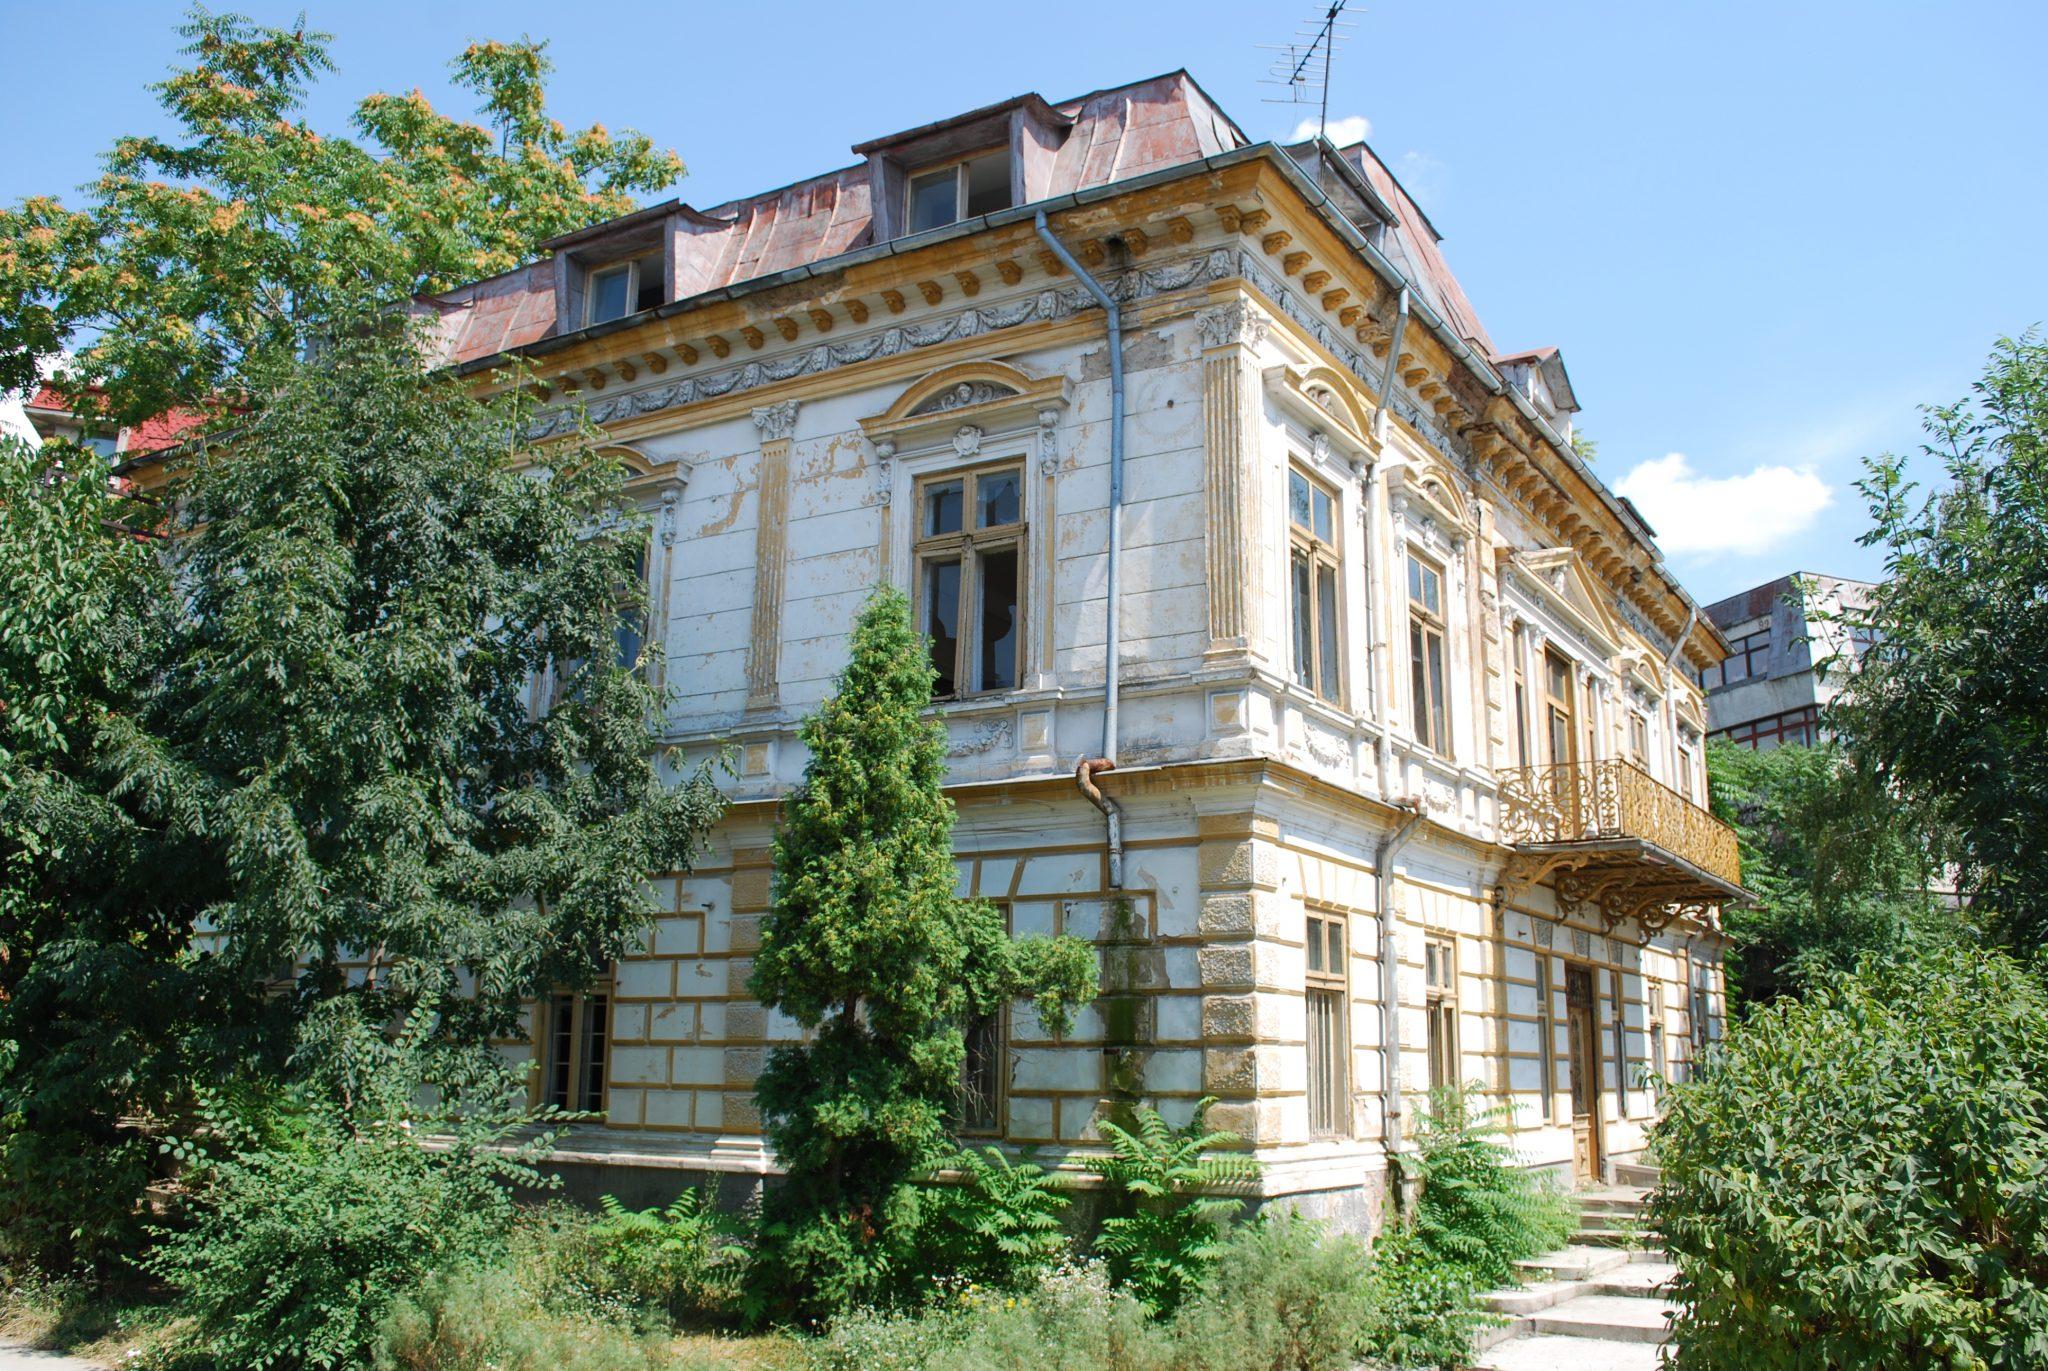 Contractul pentru reabilitarea Casei Fântâneanu, semnat în maximum două săptămâni